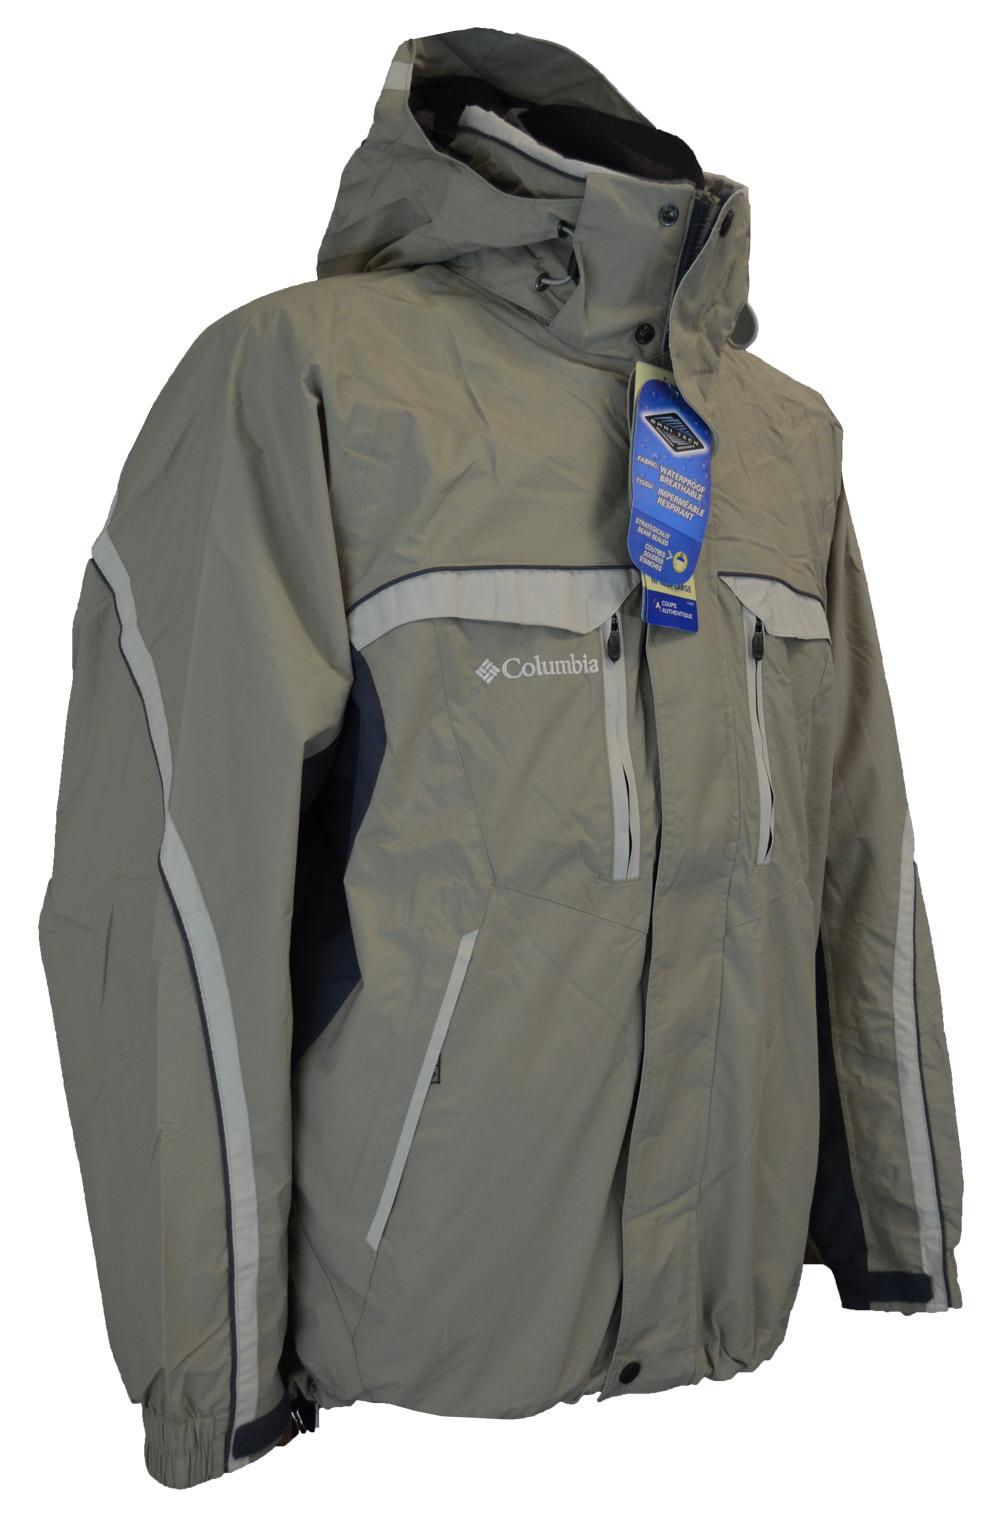 4b49574d23b Купить куртку Columbia 2 в 1 в Киеве